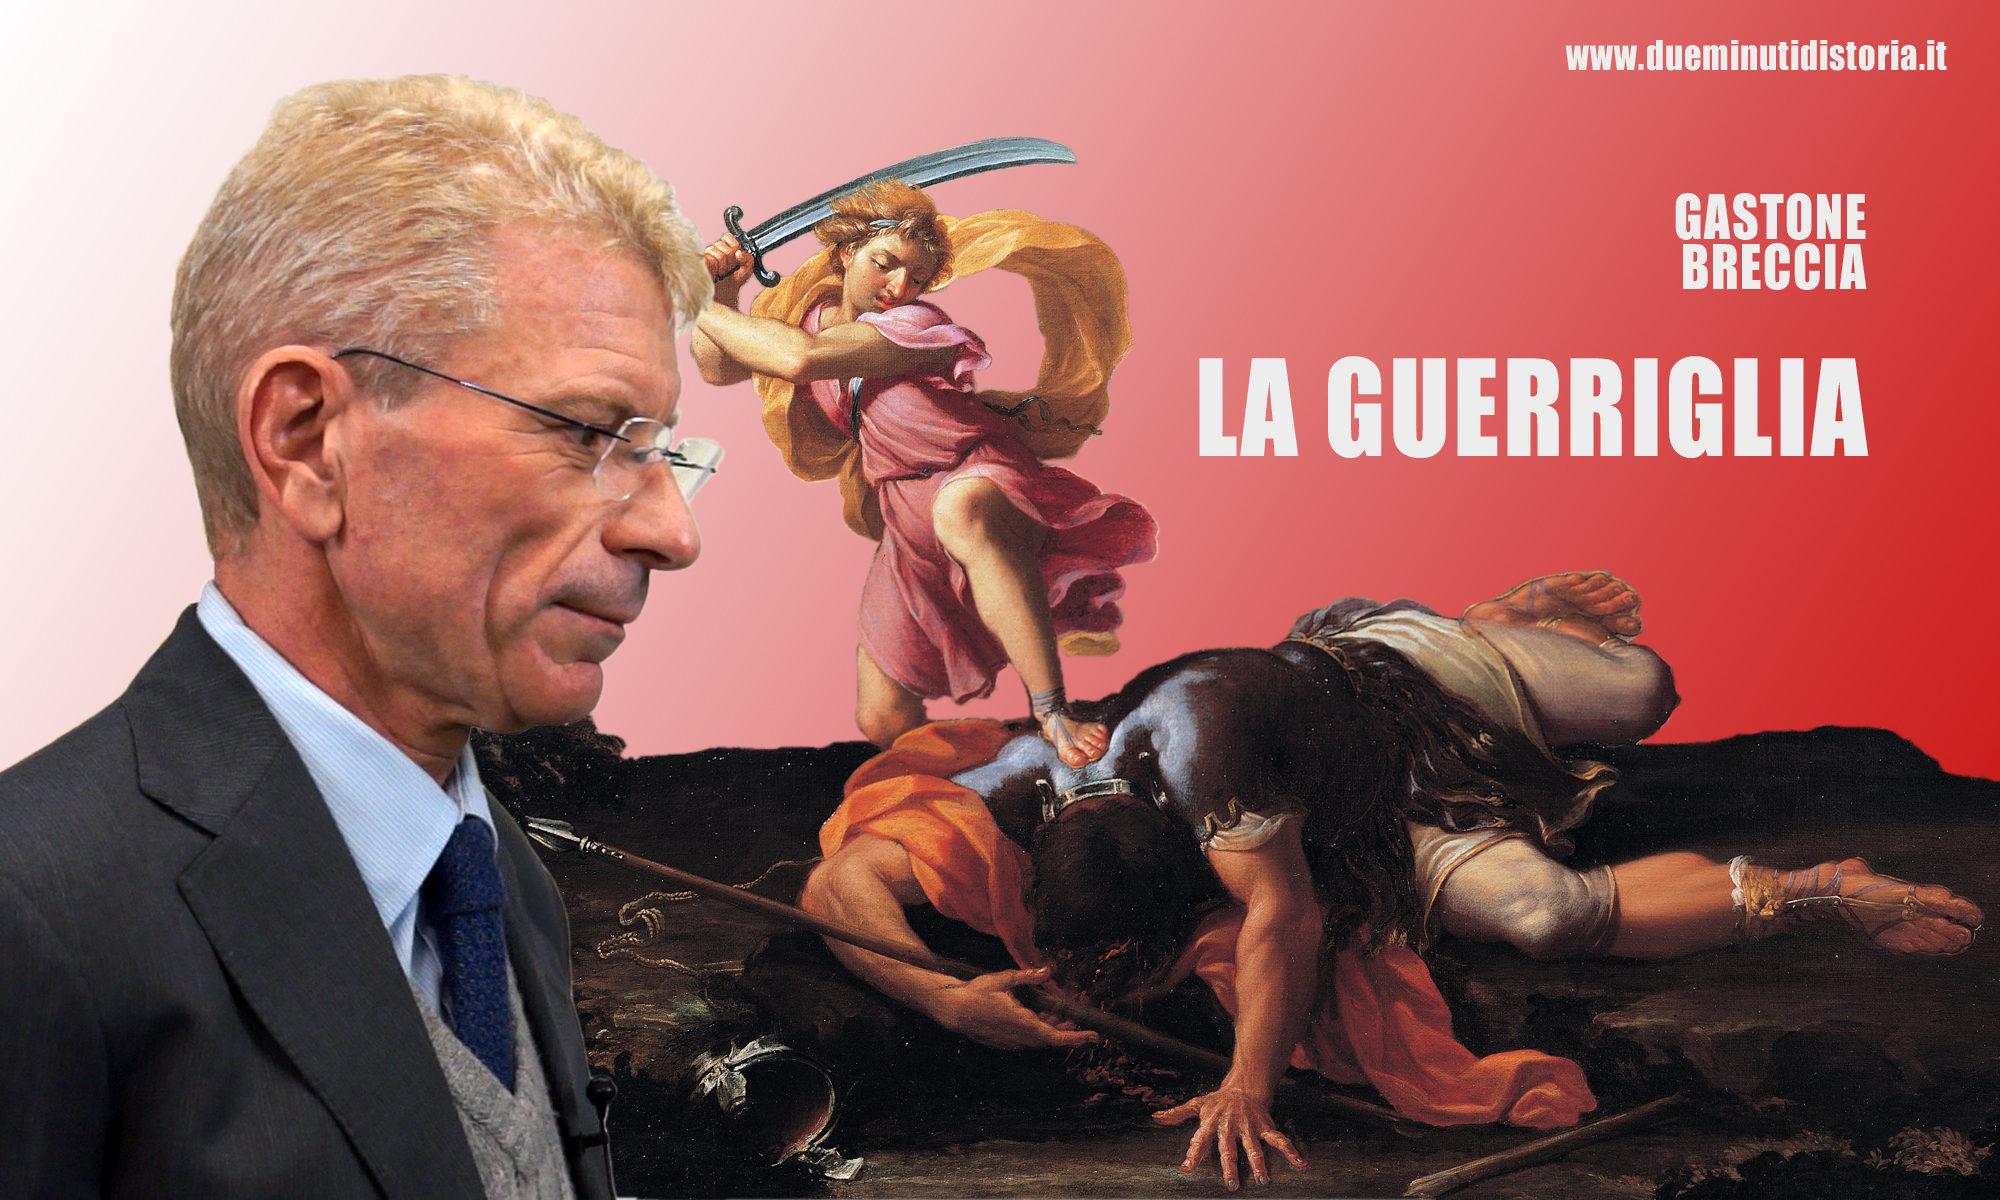 Gastone Breccia: «La guerriglia»